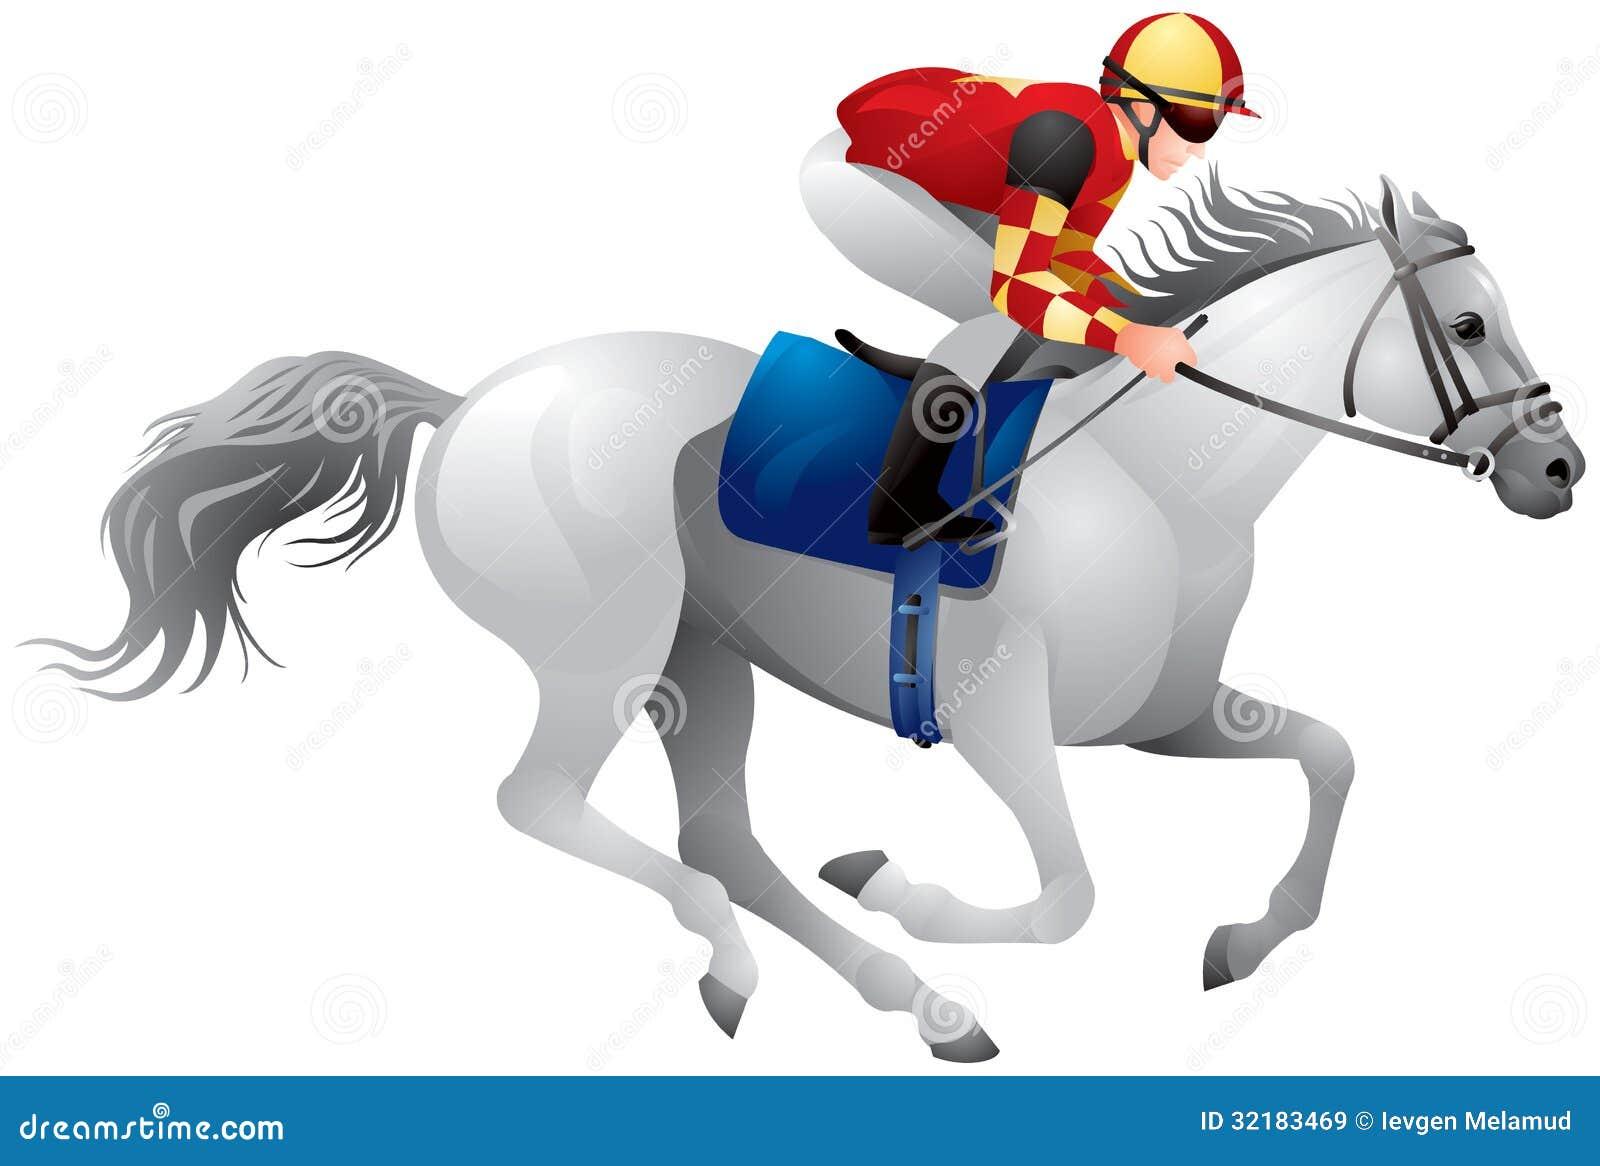 Derby White Horse Stock Vector Illustration Of Jockey 32183469